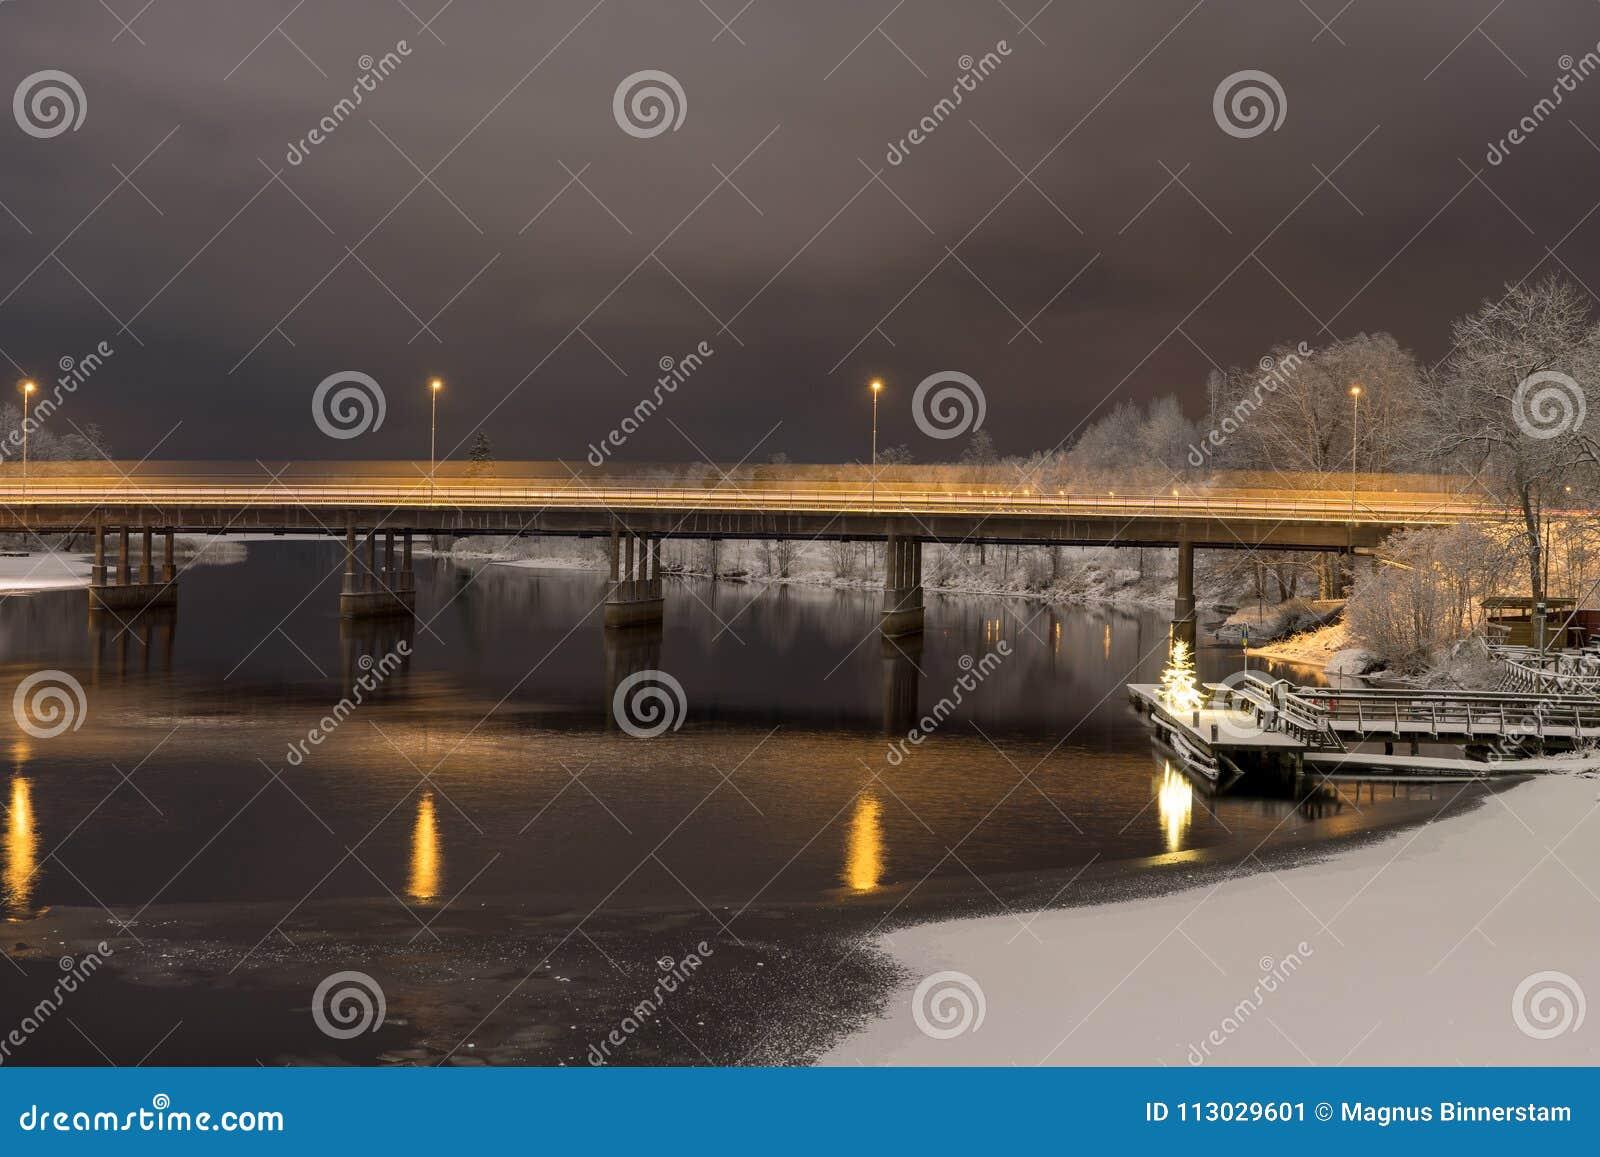 Opinión de la noche del tráfico que cruza un puente concreto a través de un río